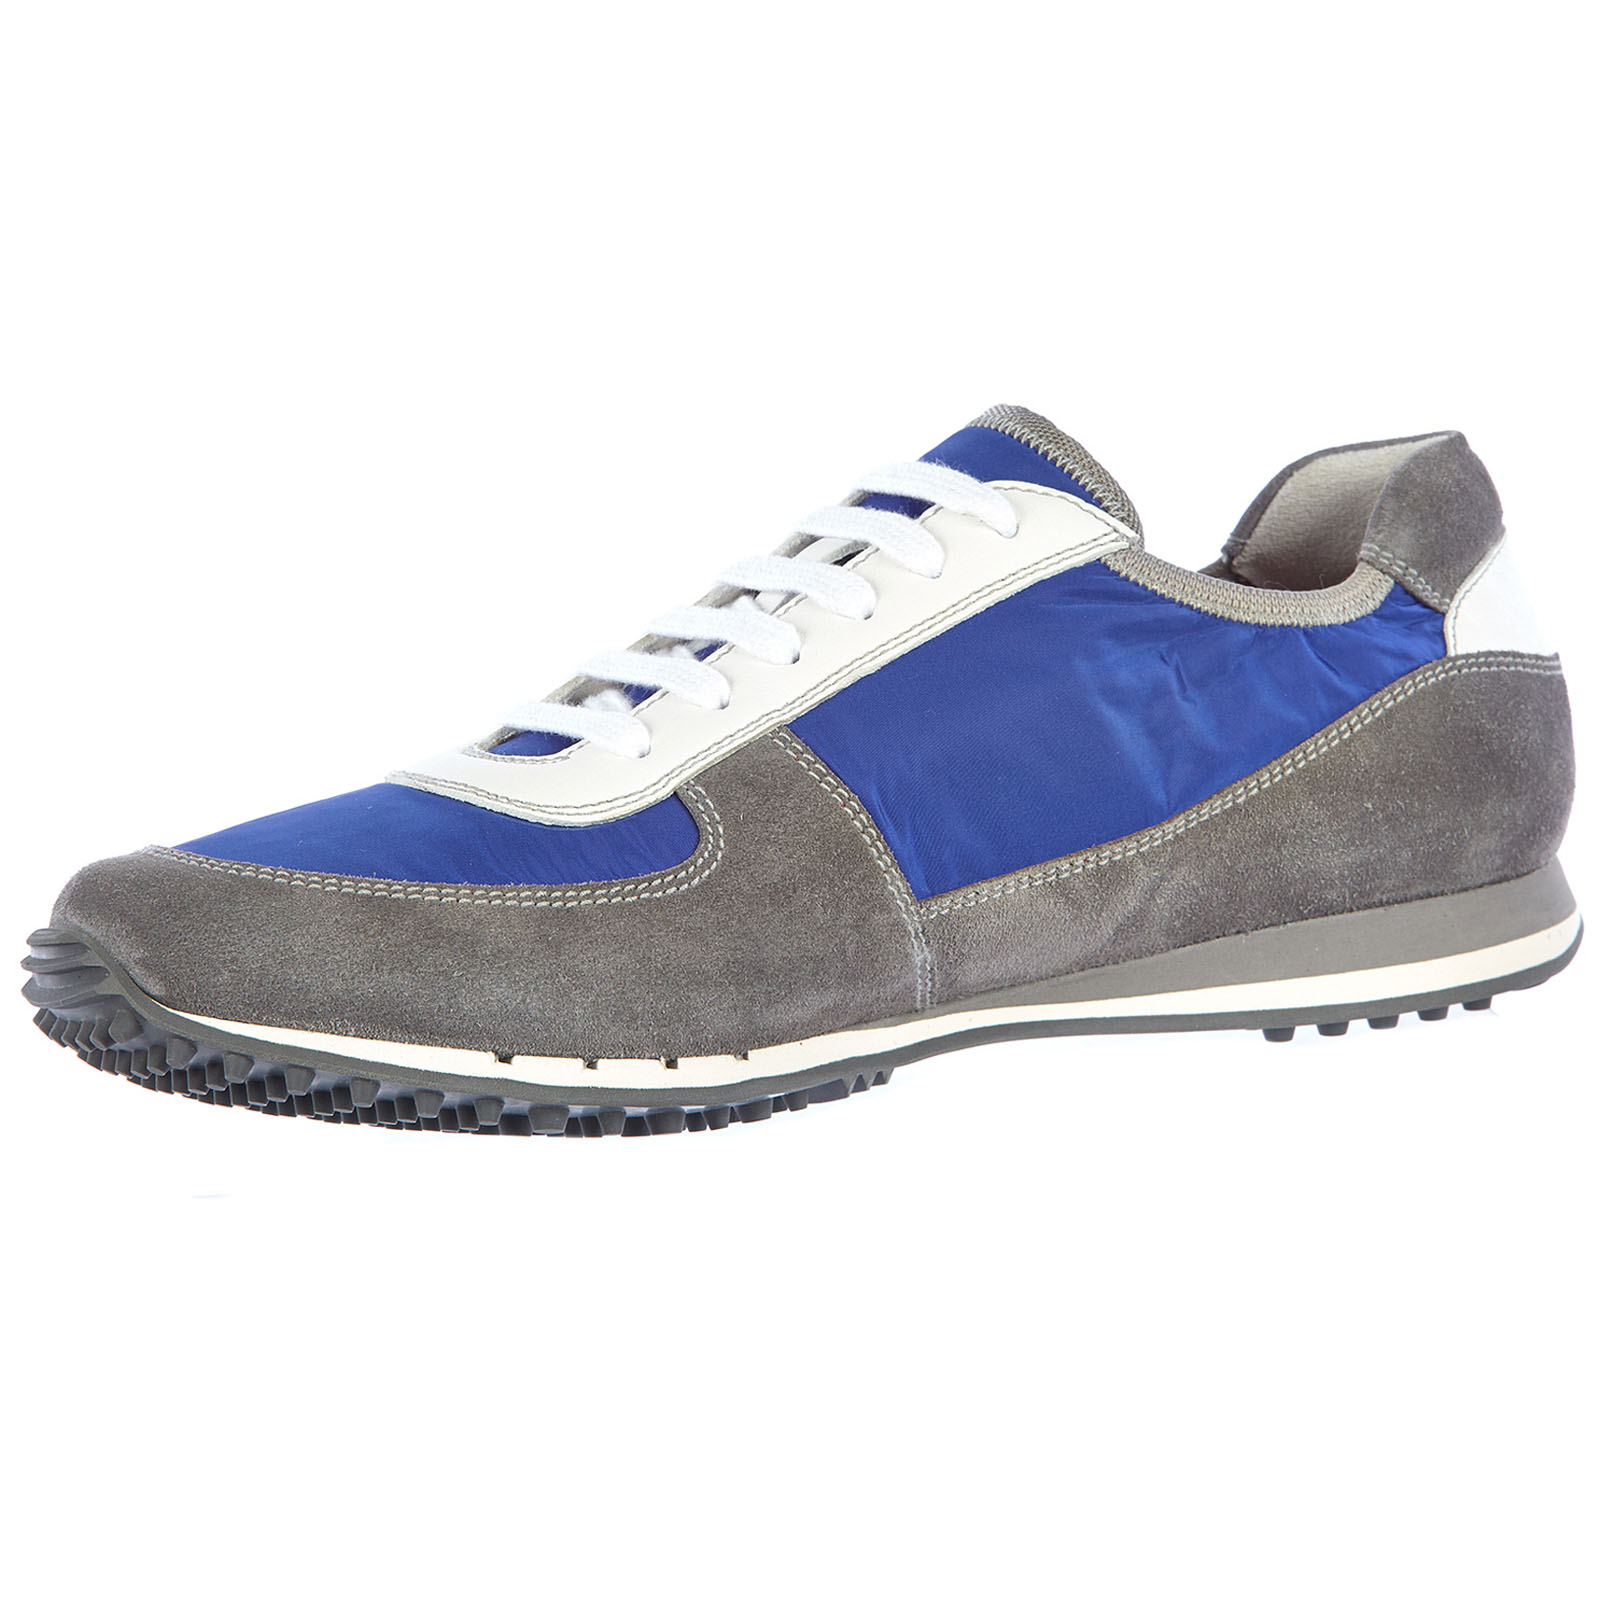 Zapatos zapatillas de deporte hombres en ante indago